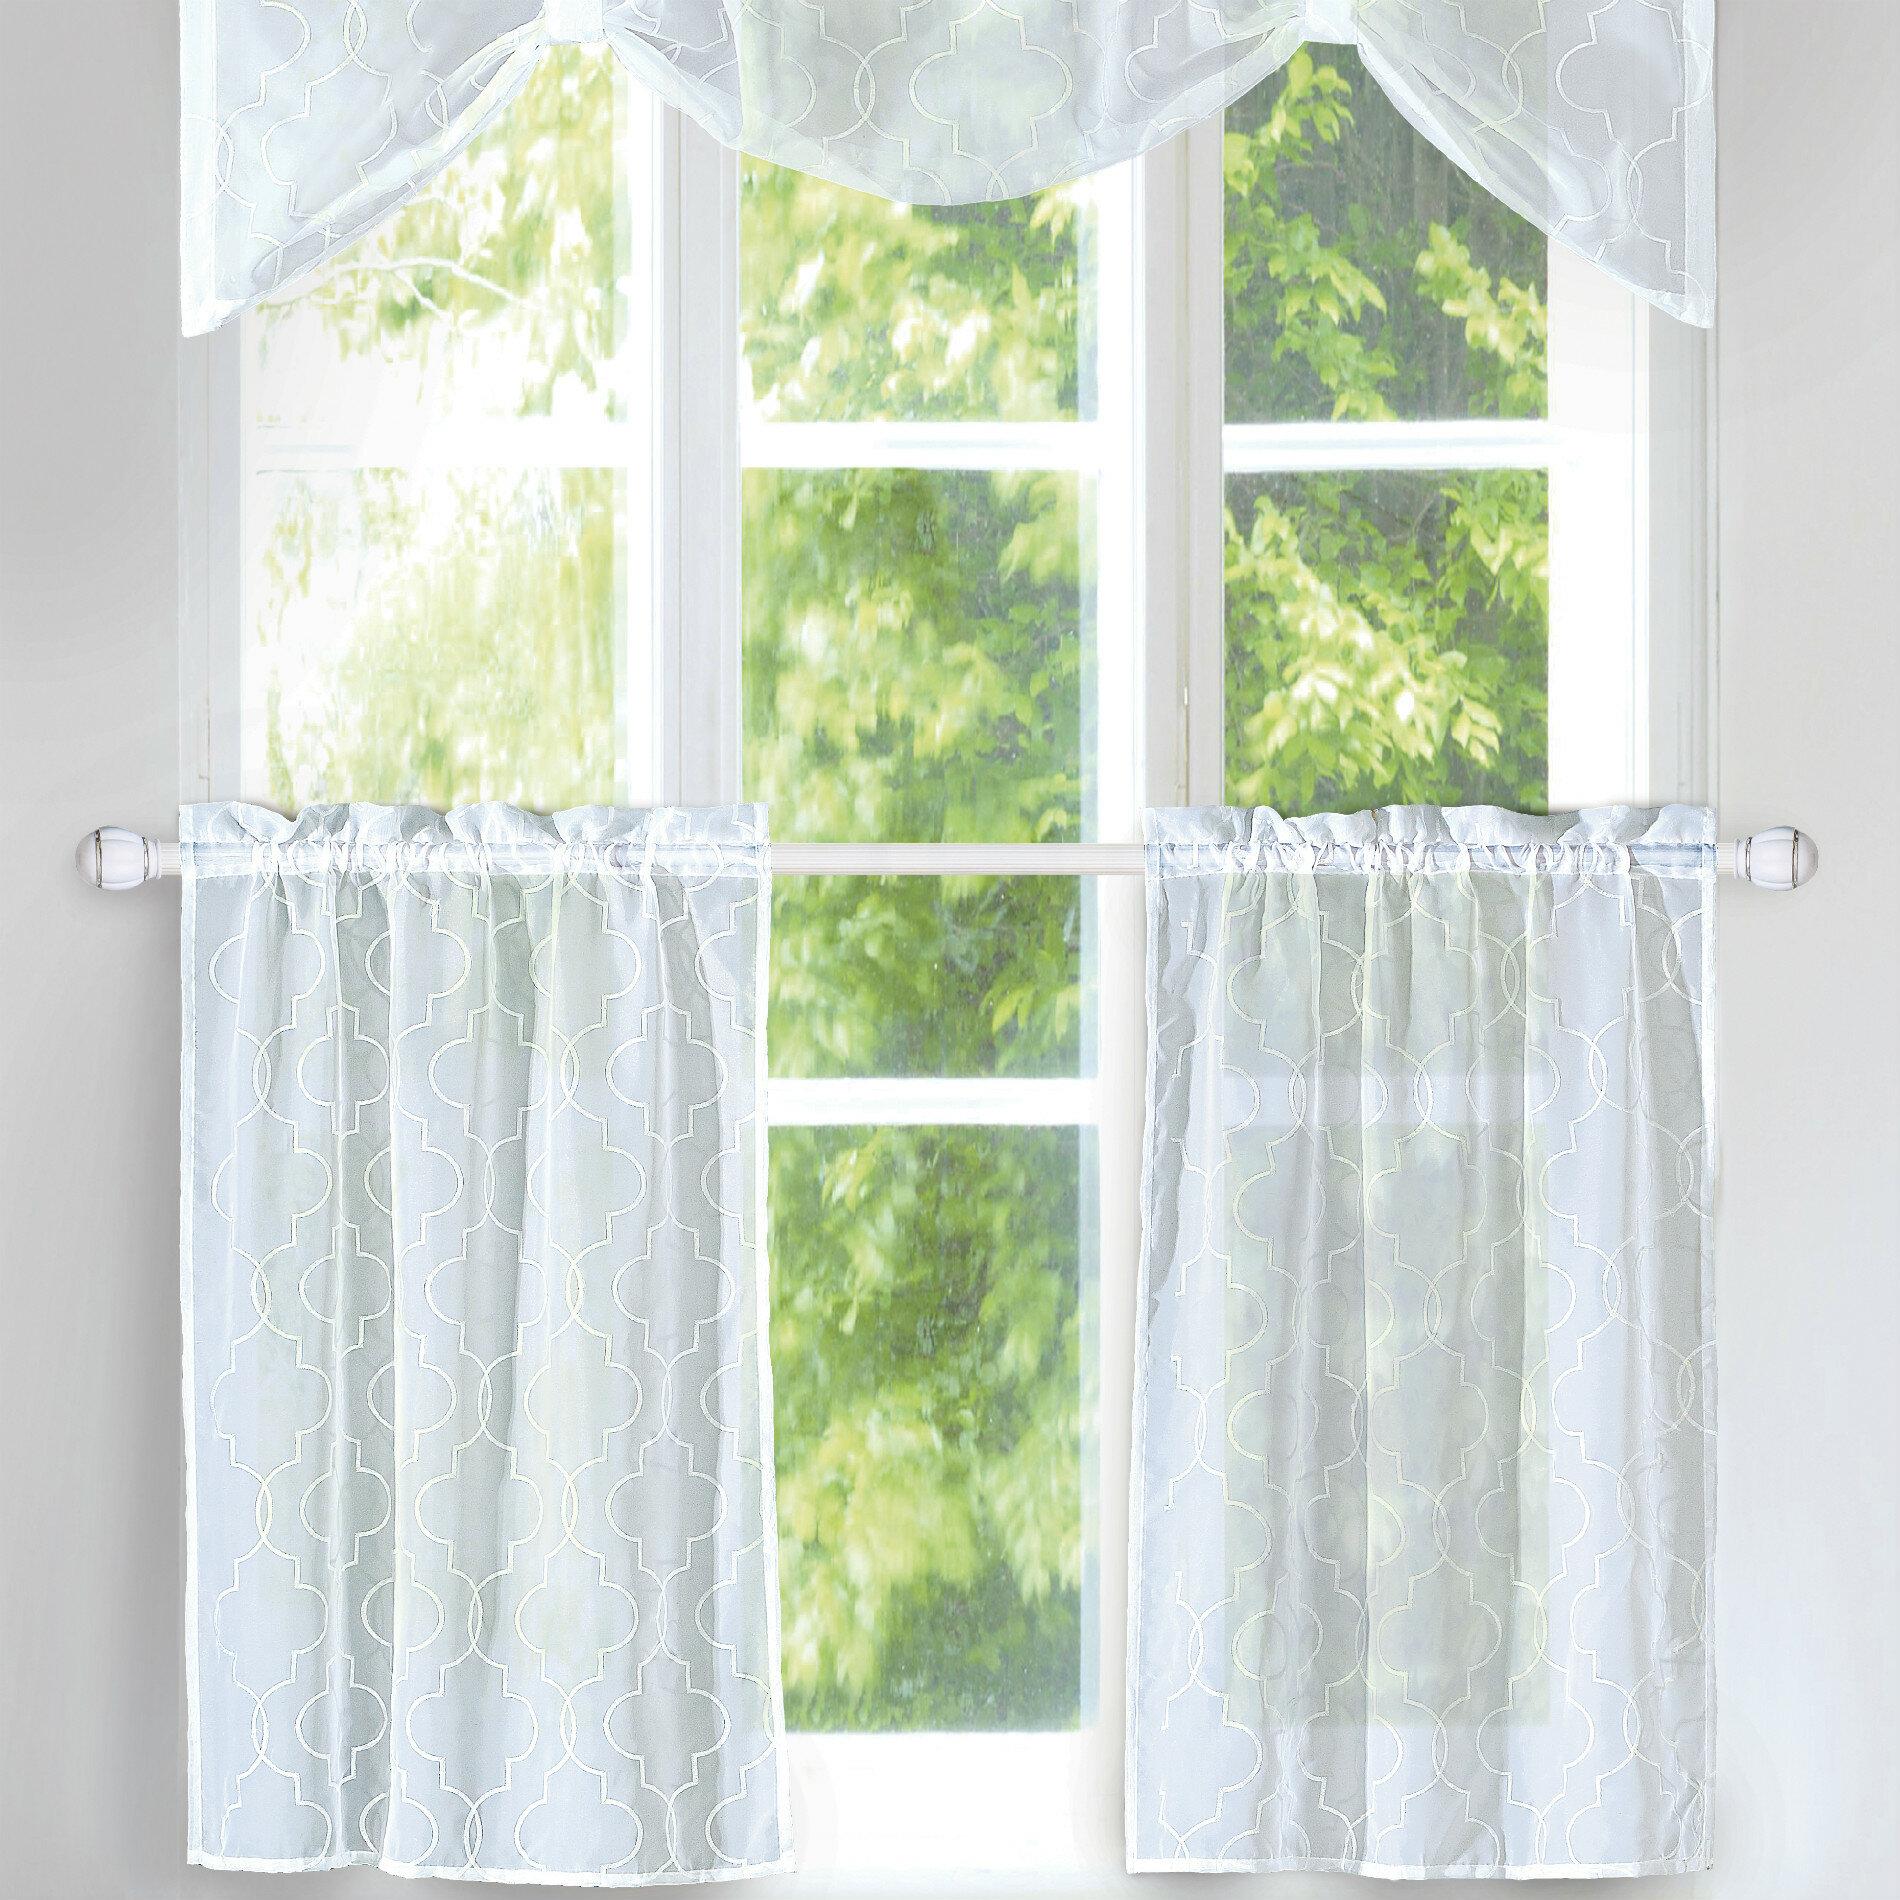 """Rana 3 Piece 56"""" Kitchen Curtains Regarding Elegant White Priscilla Lace Kitchen Curtain Pieces (Gallery 7 of 20)"""